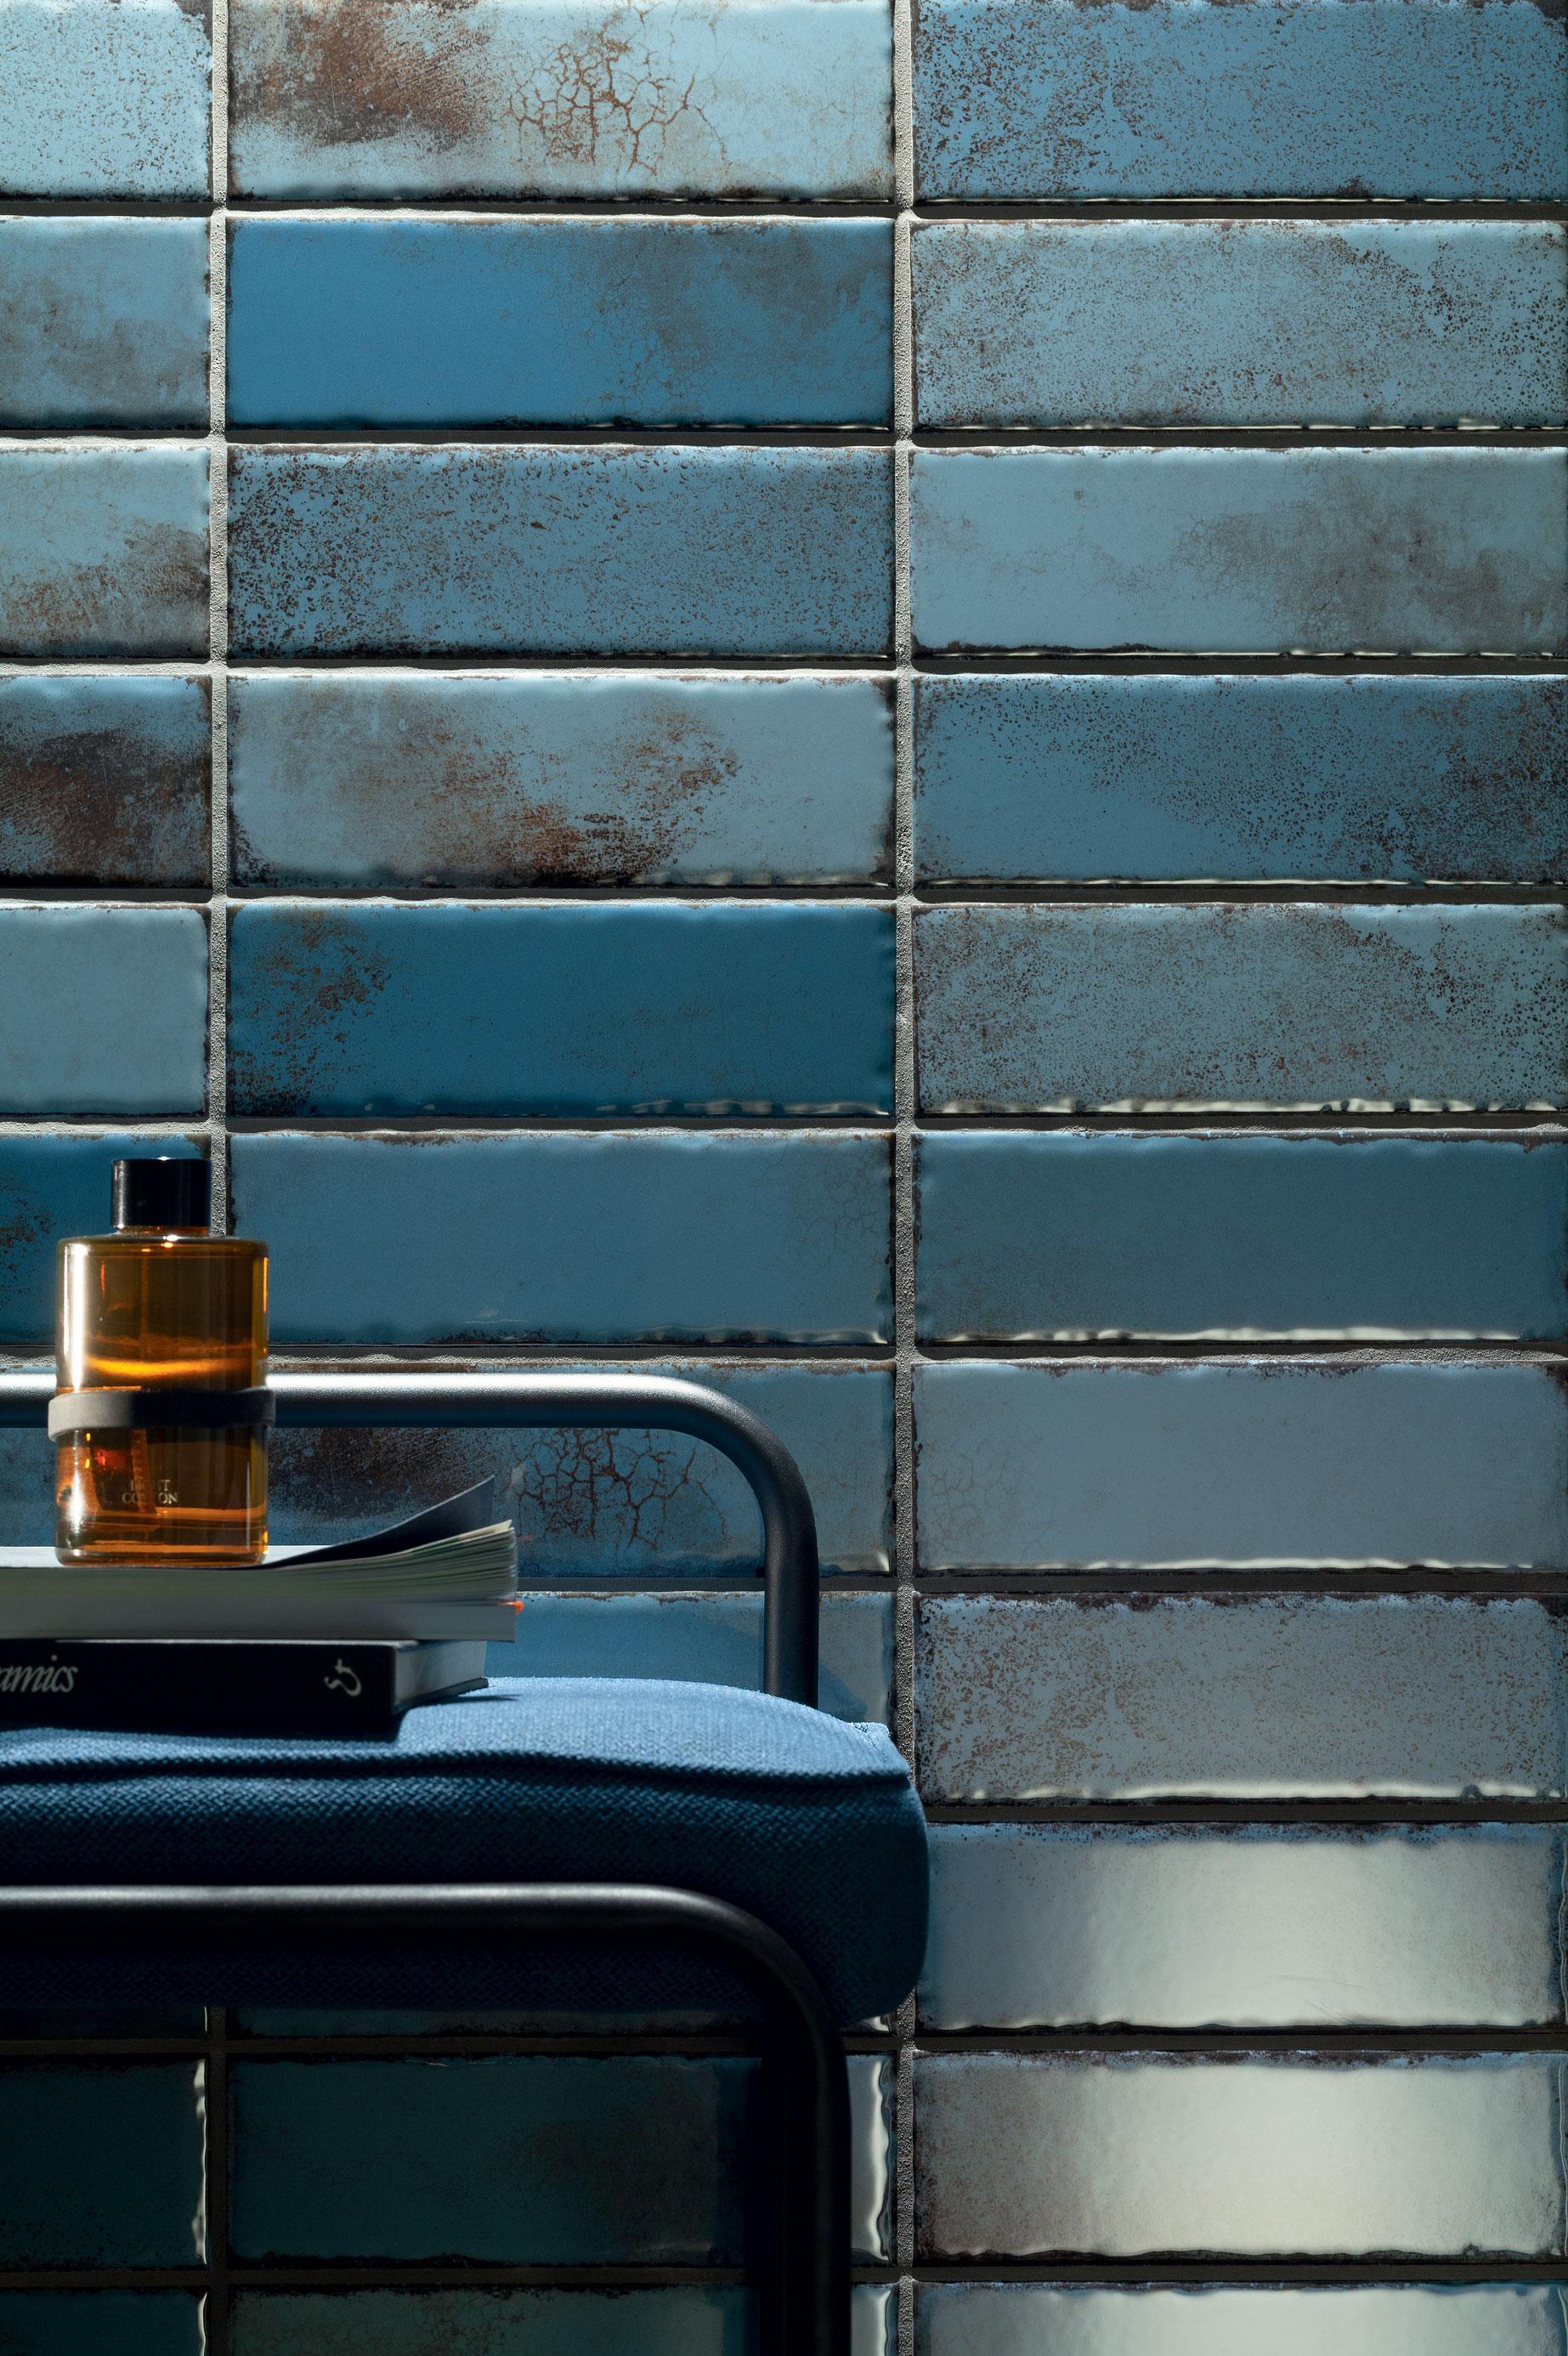 Styl mid-century modern na ścianie w łazience